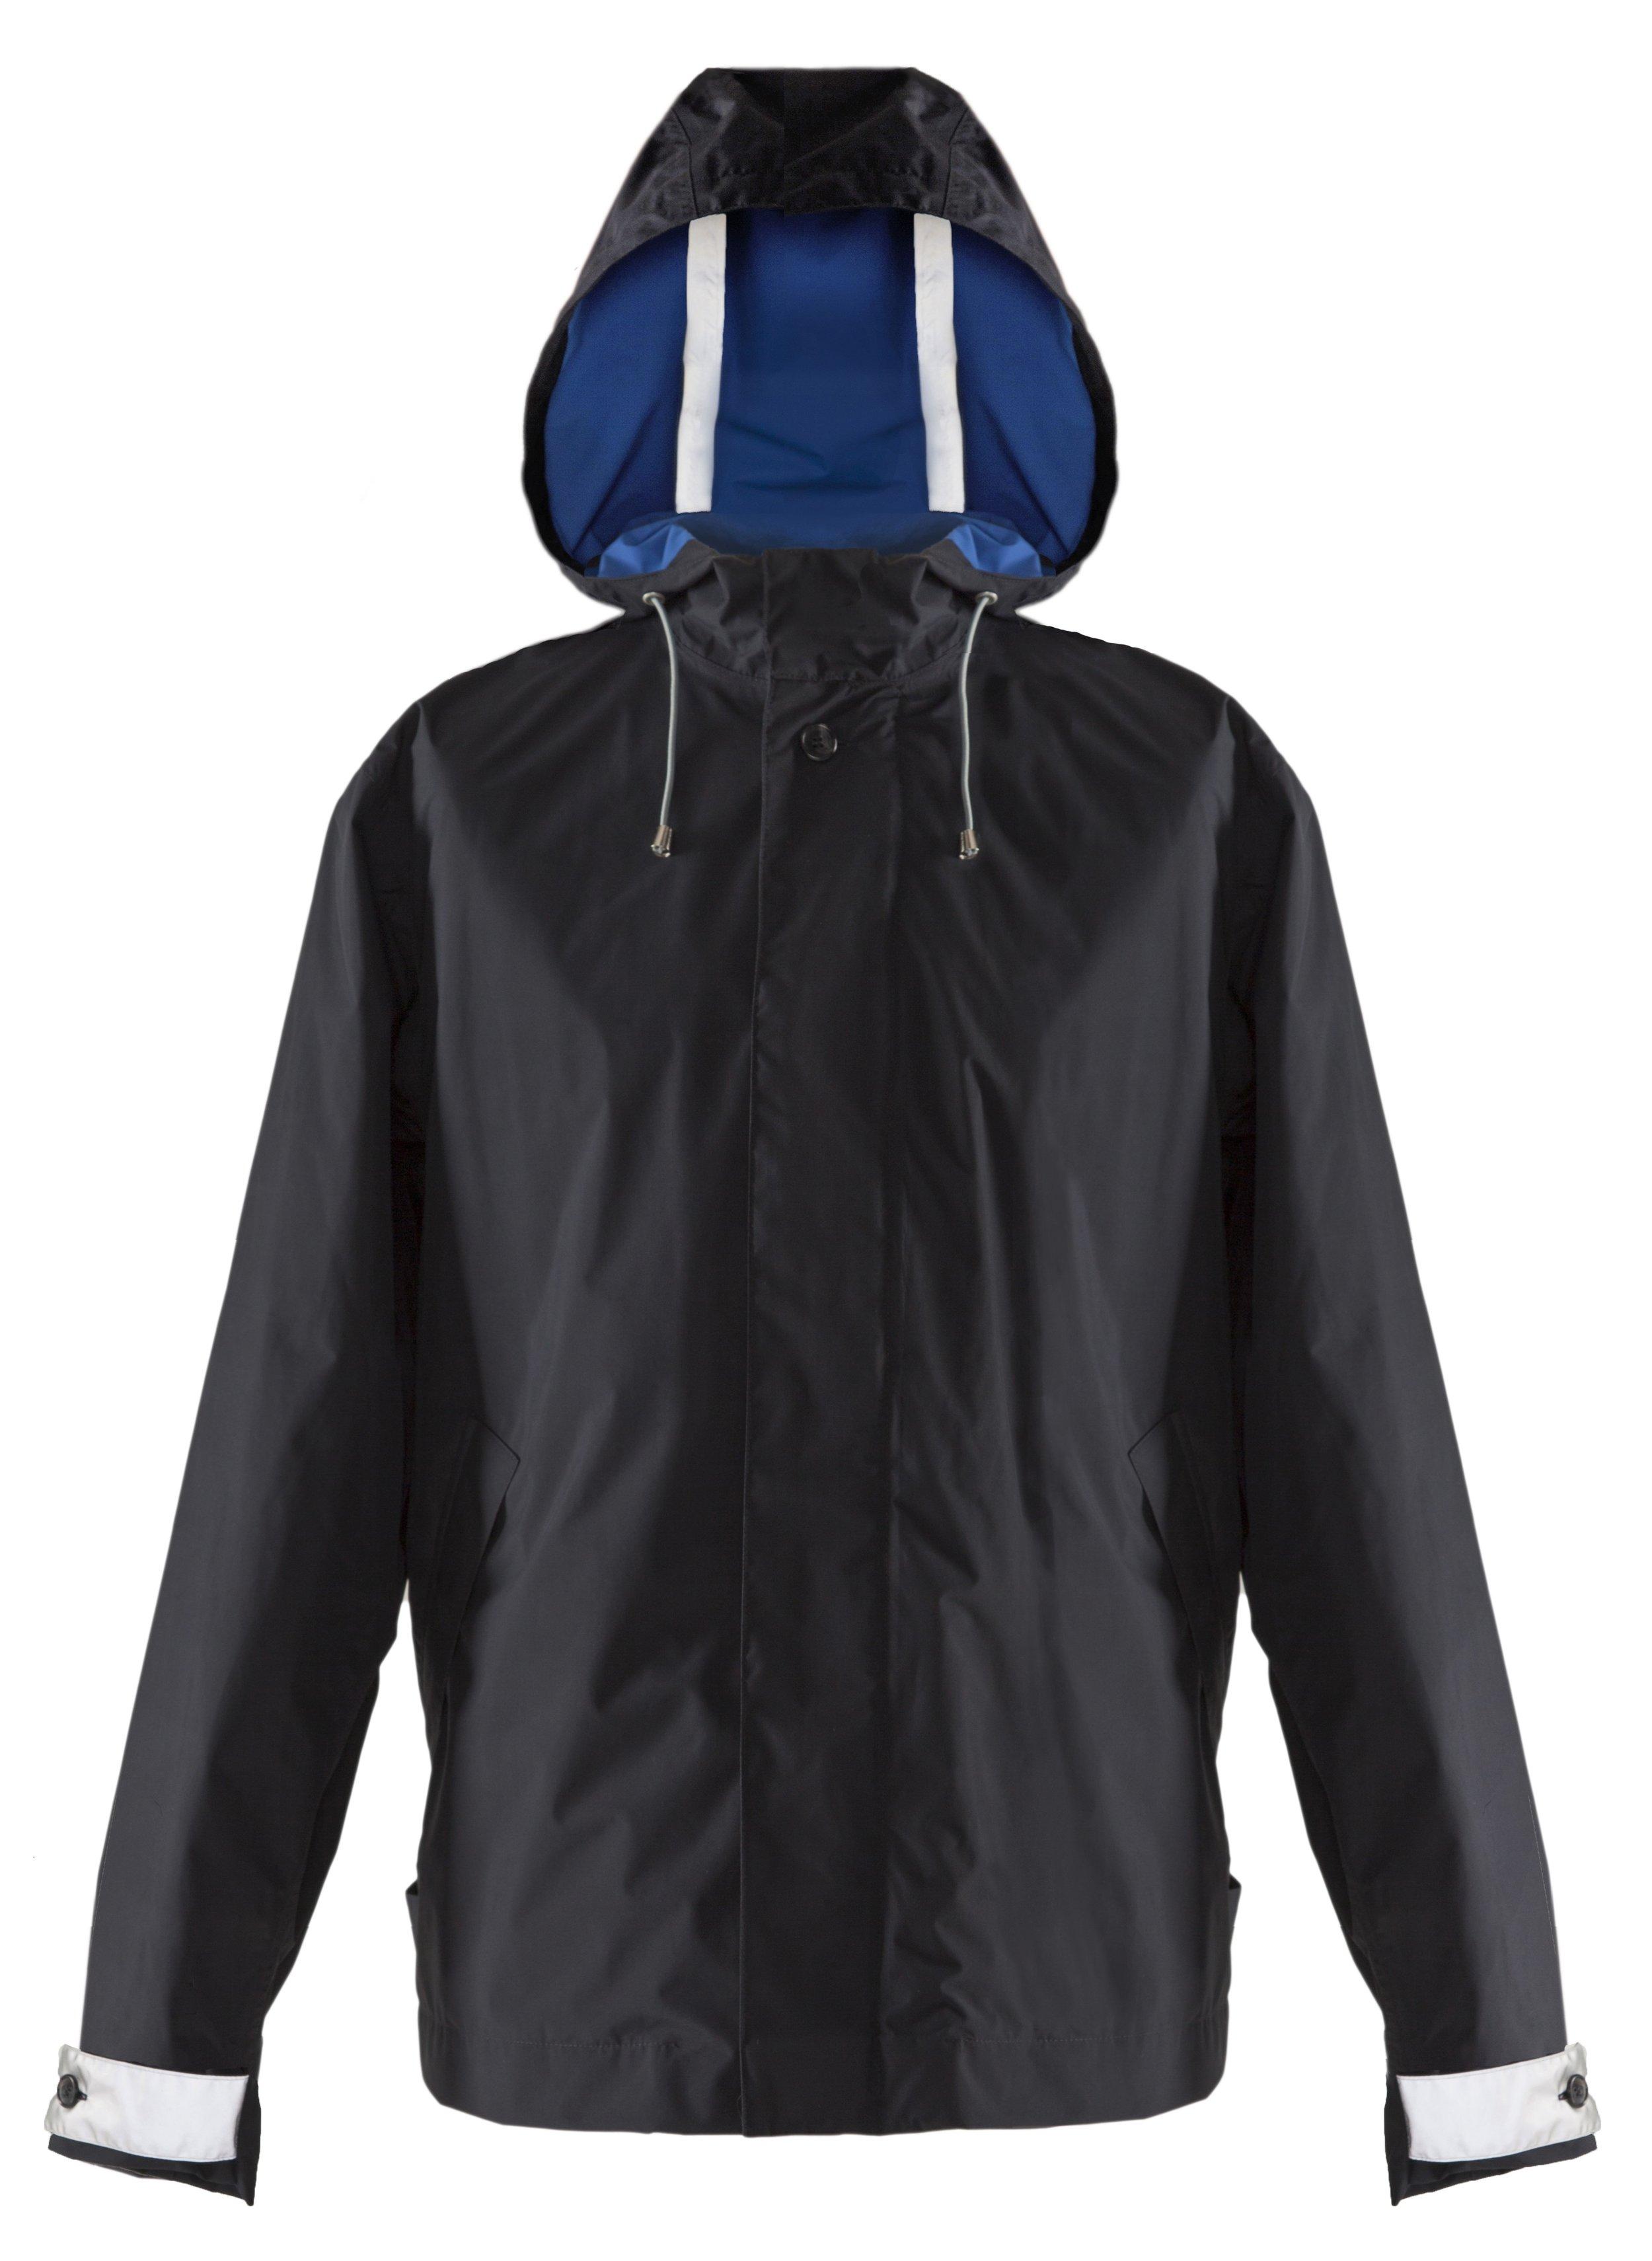 V2 - 4 Jacket Front - Hood + Reflective.jpg